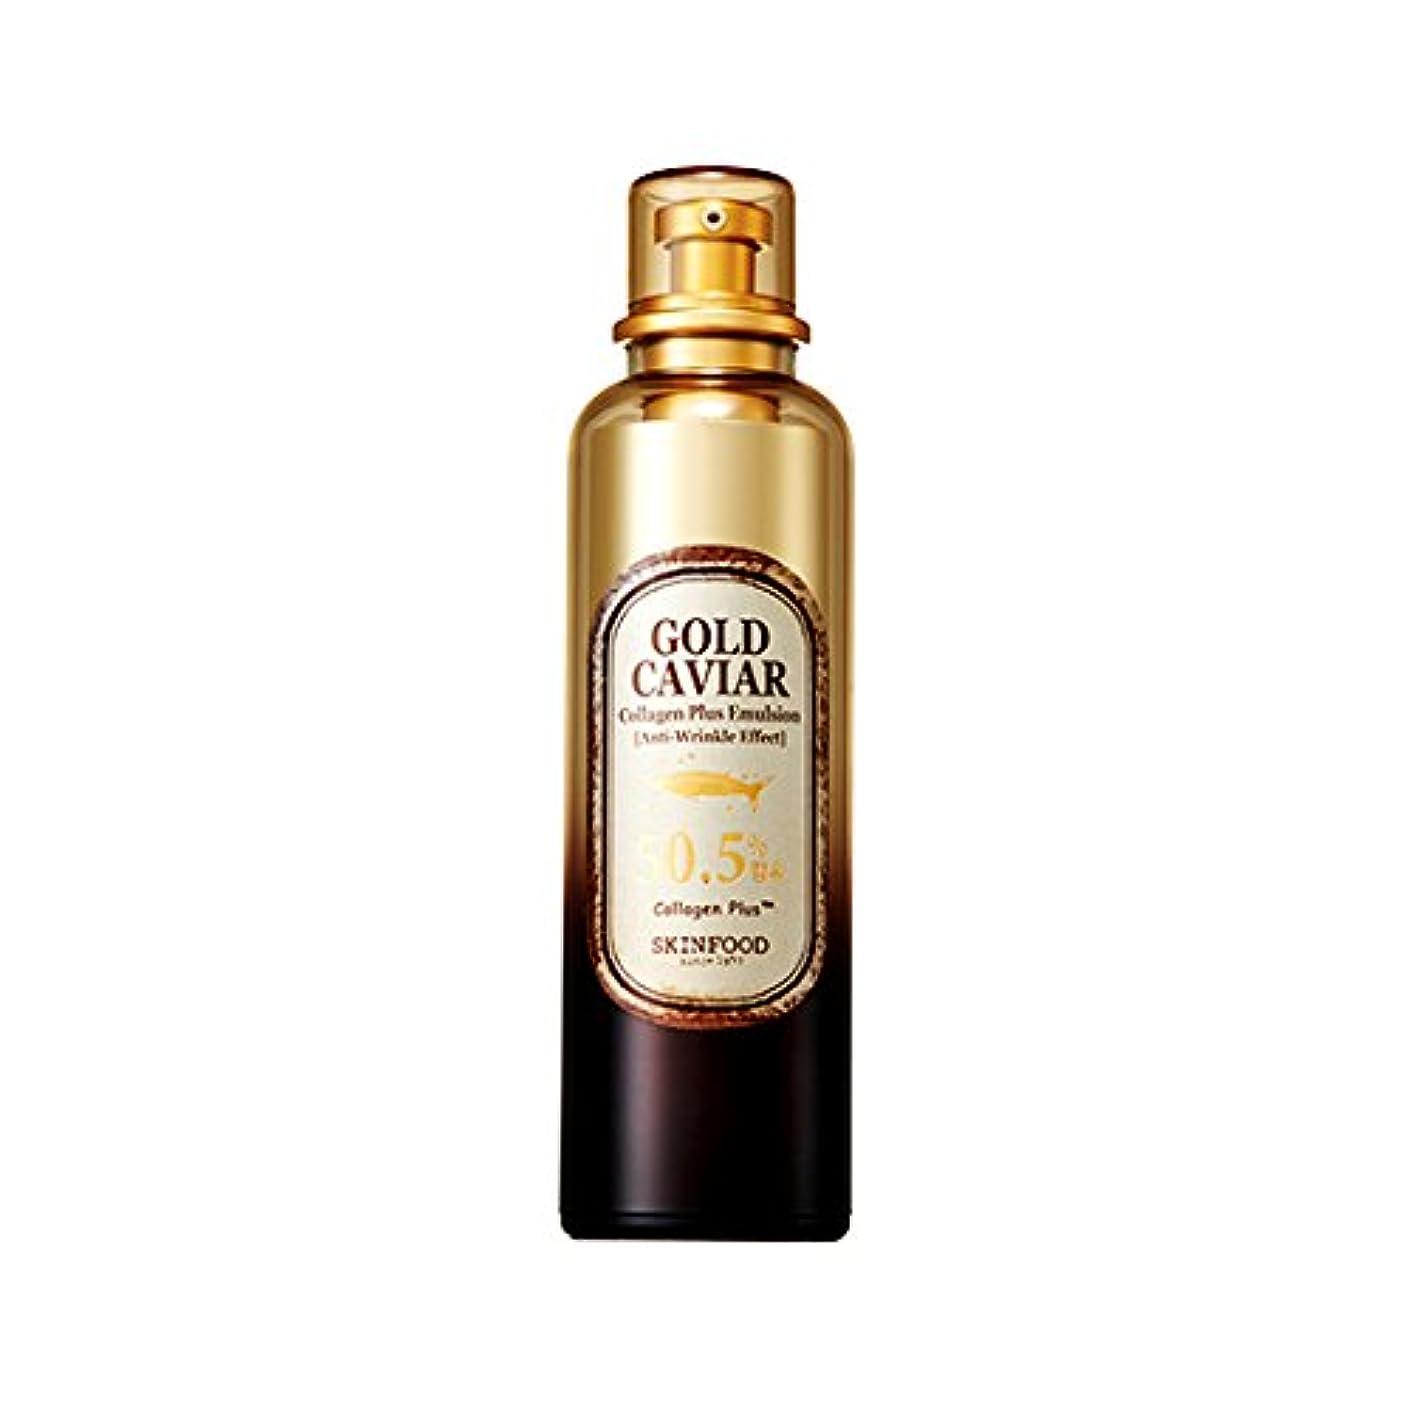 気を散らす申請者省略Skinfood ゴールドキャビアコラーゲンプラスエマルジョン/Gold Caviar Collagen Plus Emulsion 120ml [並行輸入品]